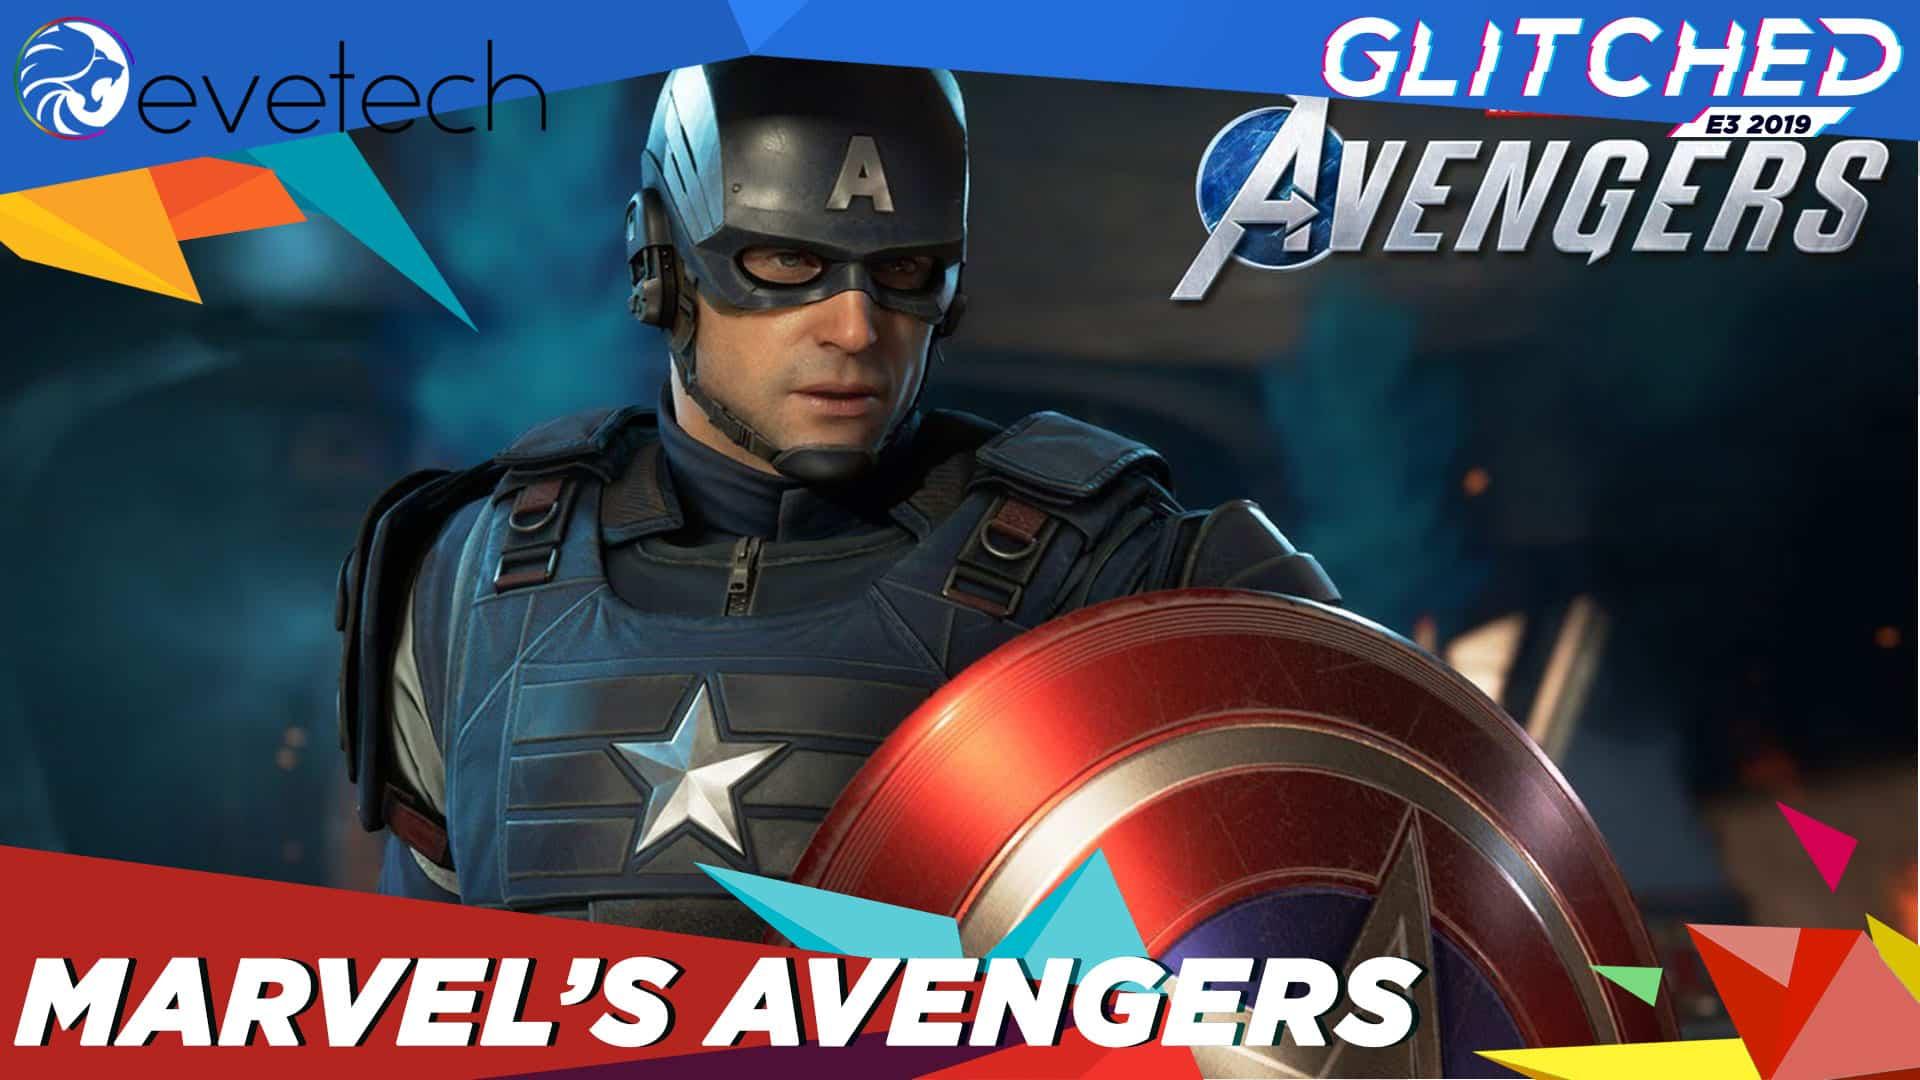 Marvel's Avengers game